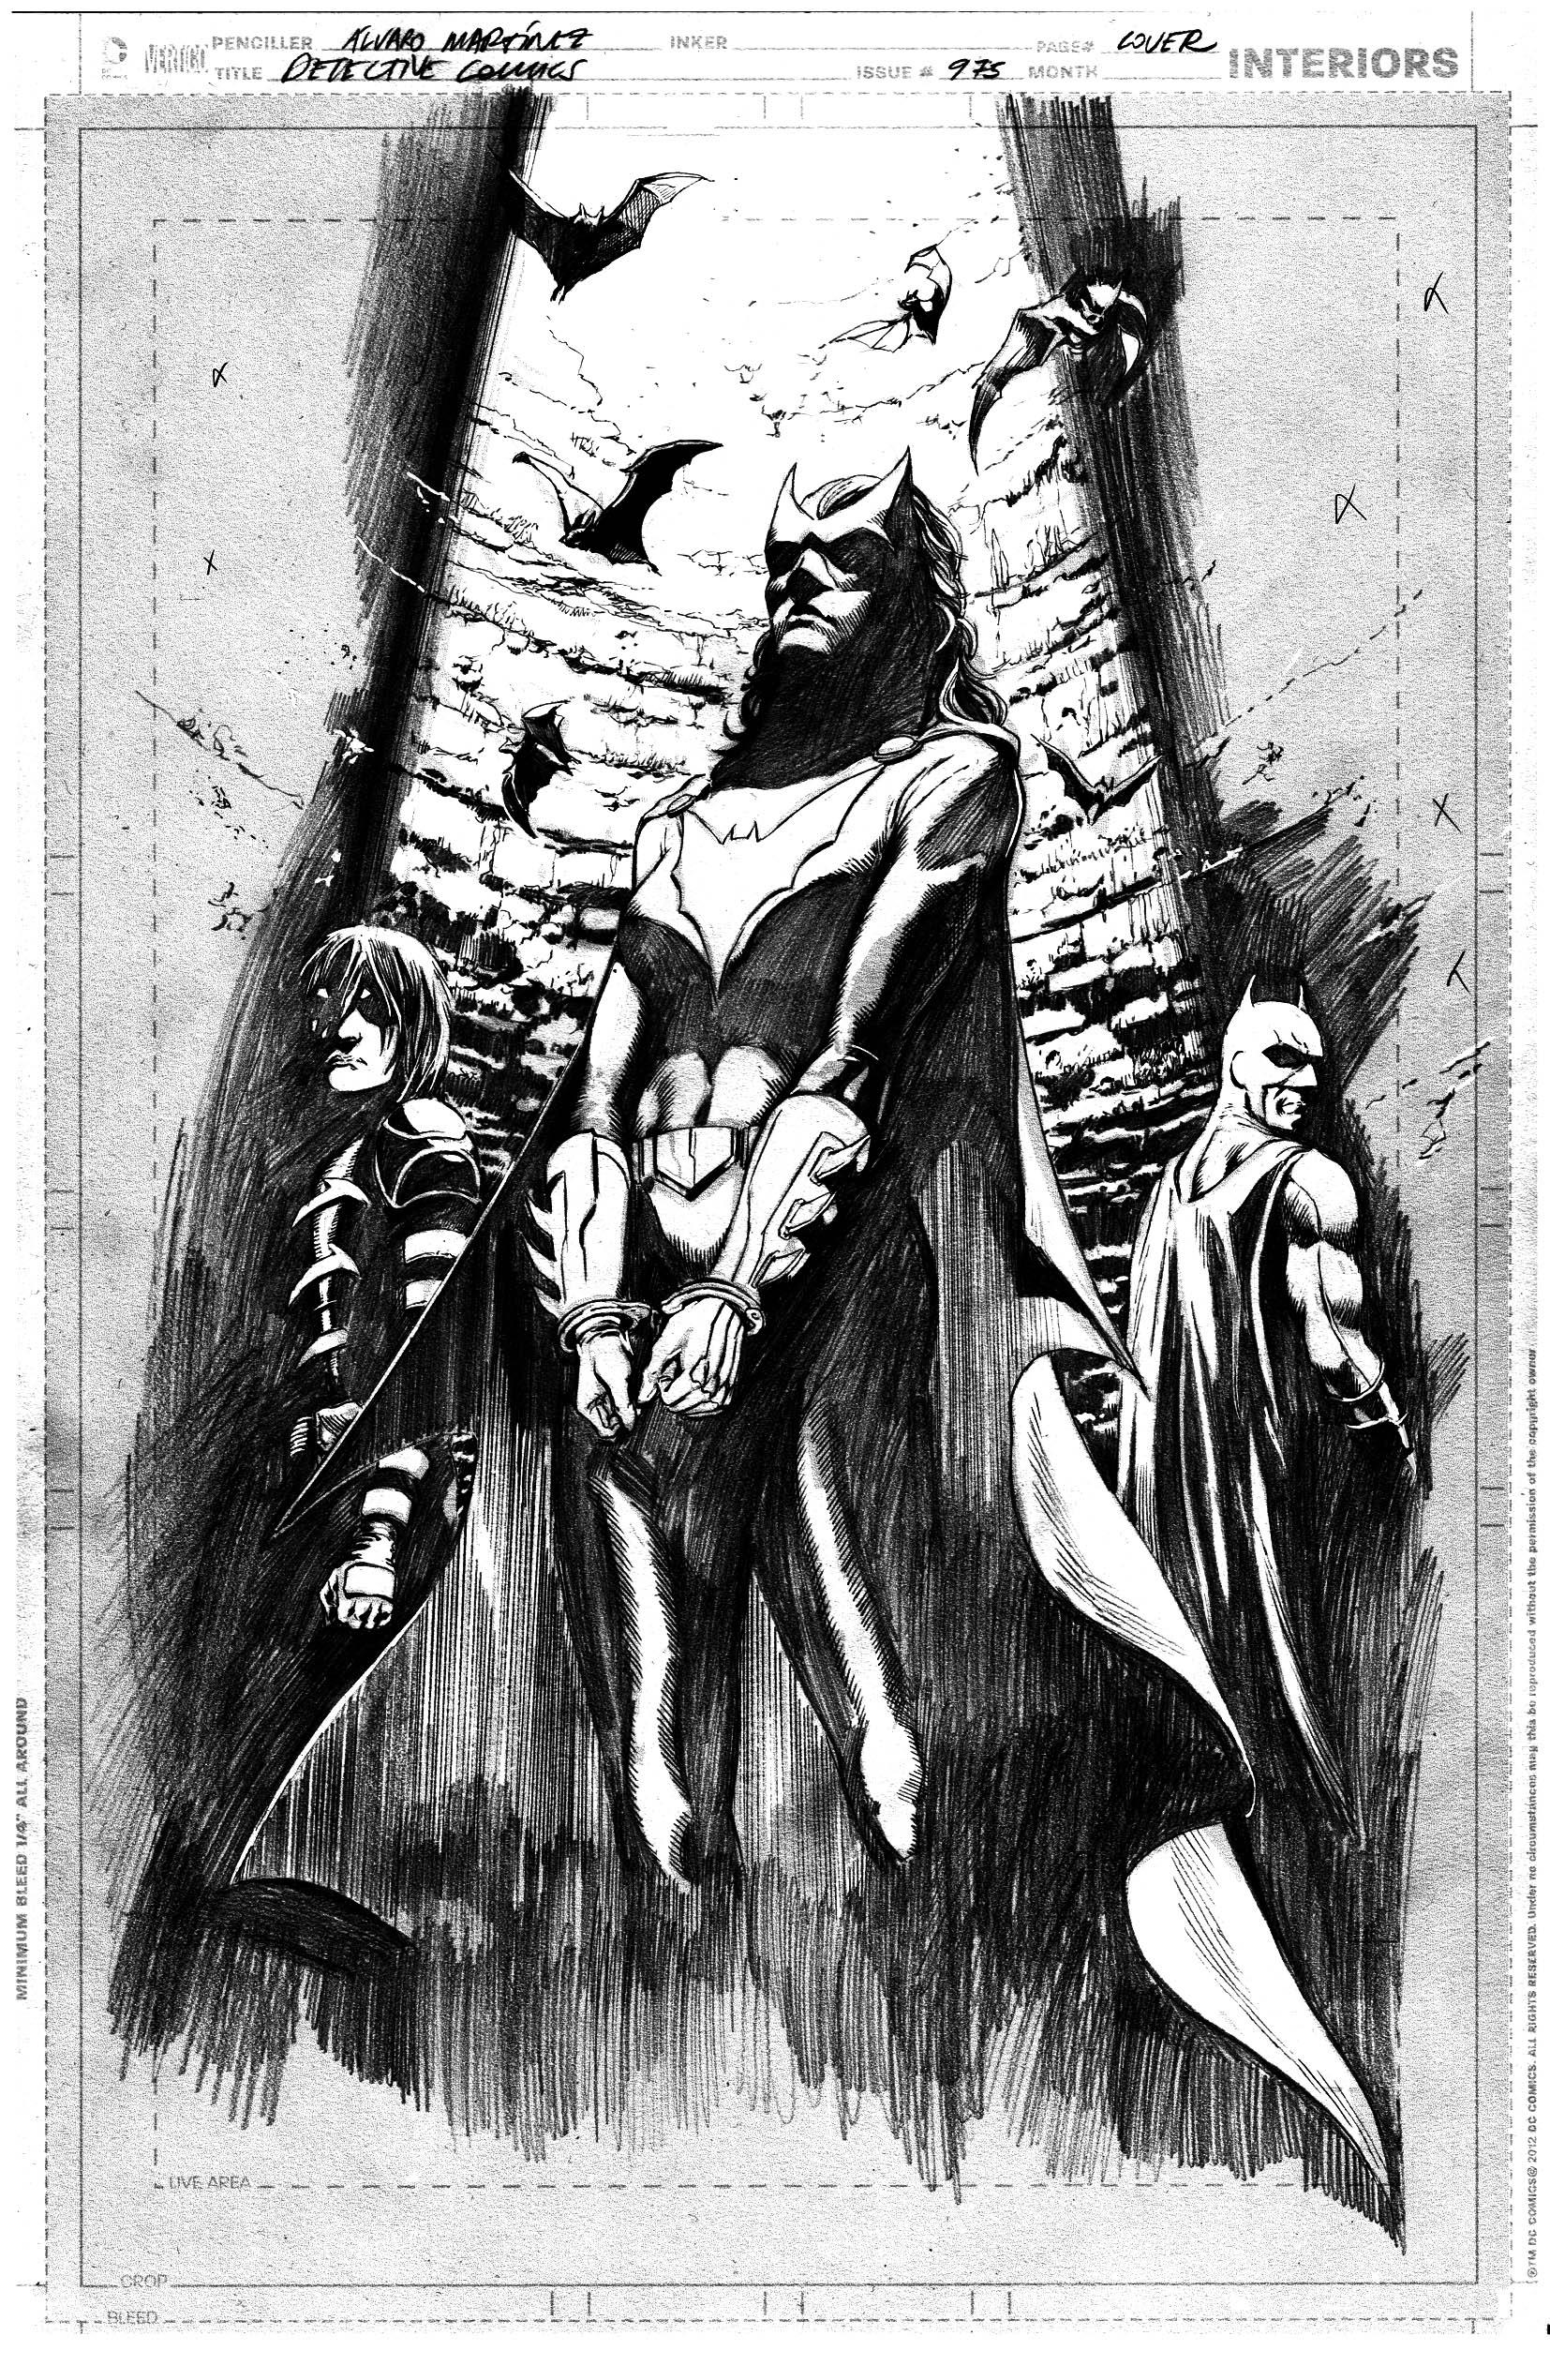 Detective Comics #975, cover